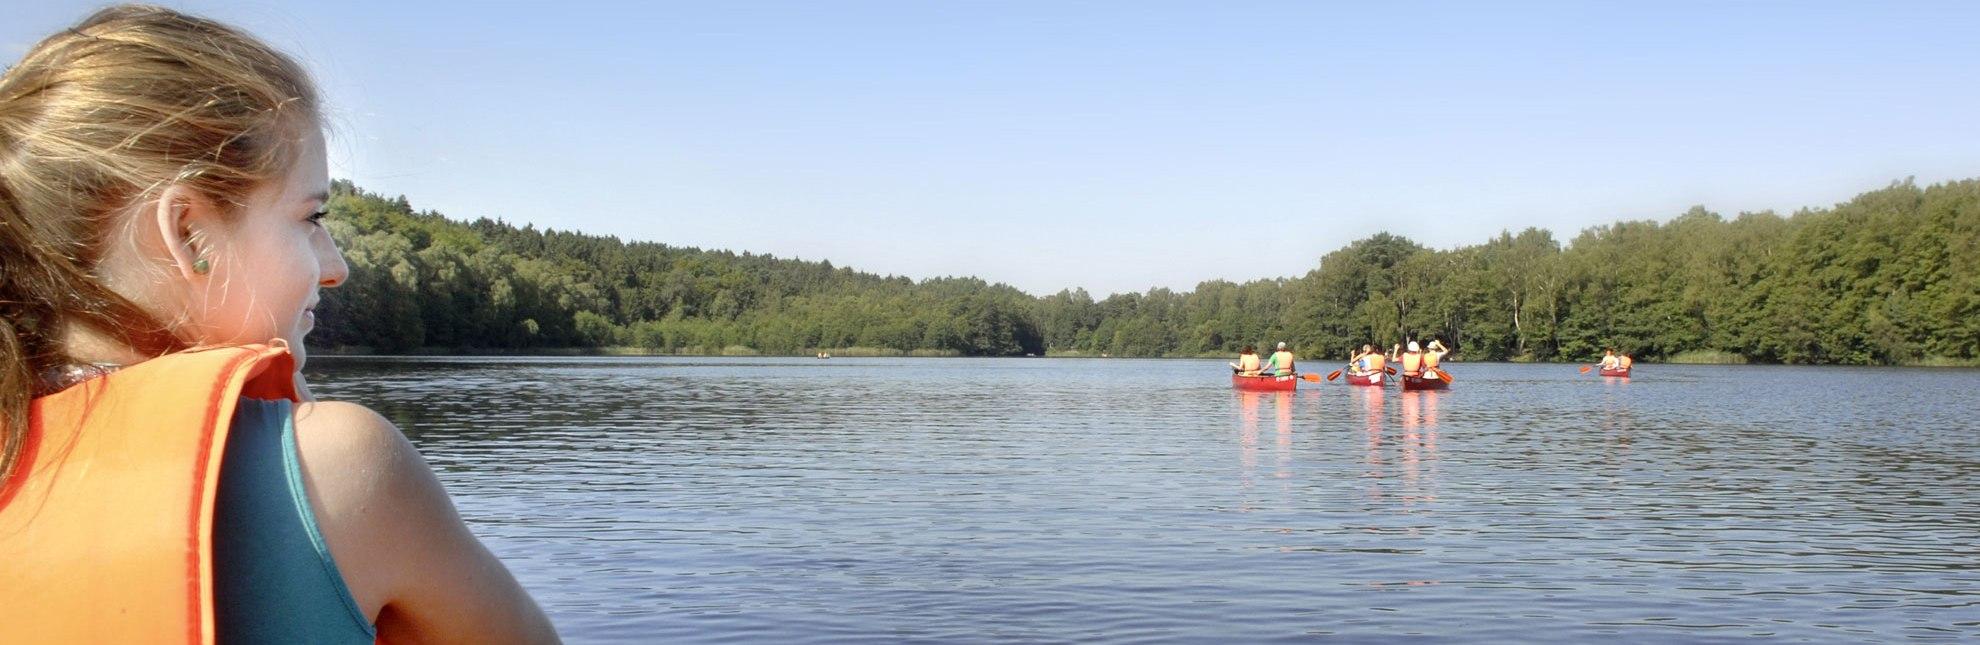 Sanft gleiten die Kanus über das ruhige Wasser der Lauenburgischen Seen., © photocompany GmbH / HLMS GmbH